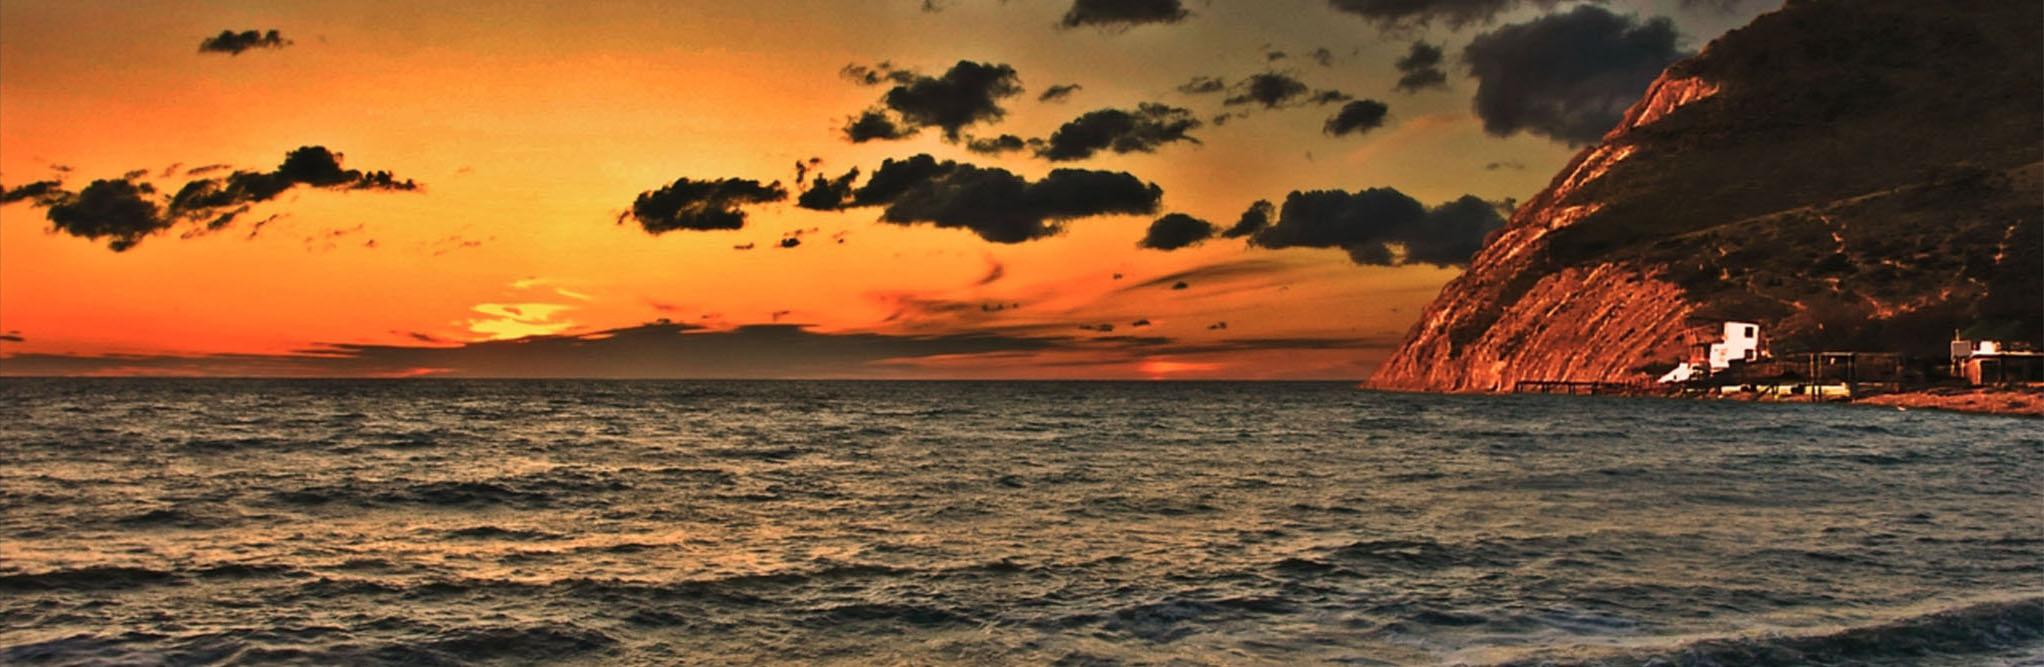 Отдых в Южной Озереевке, панорама вечернего моря